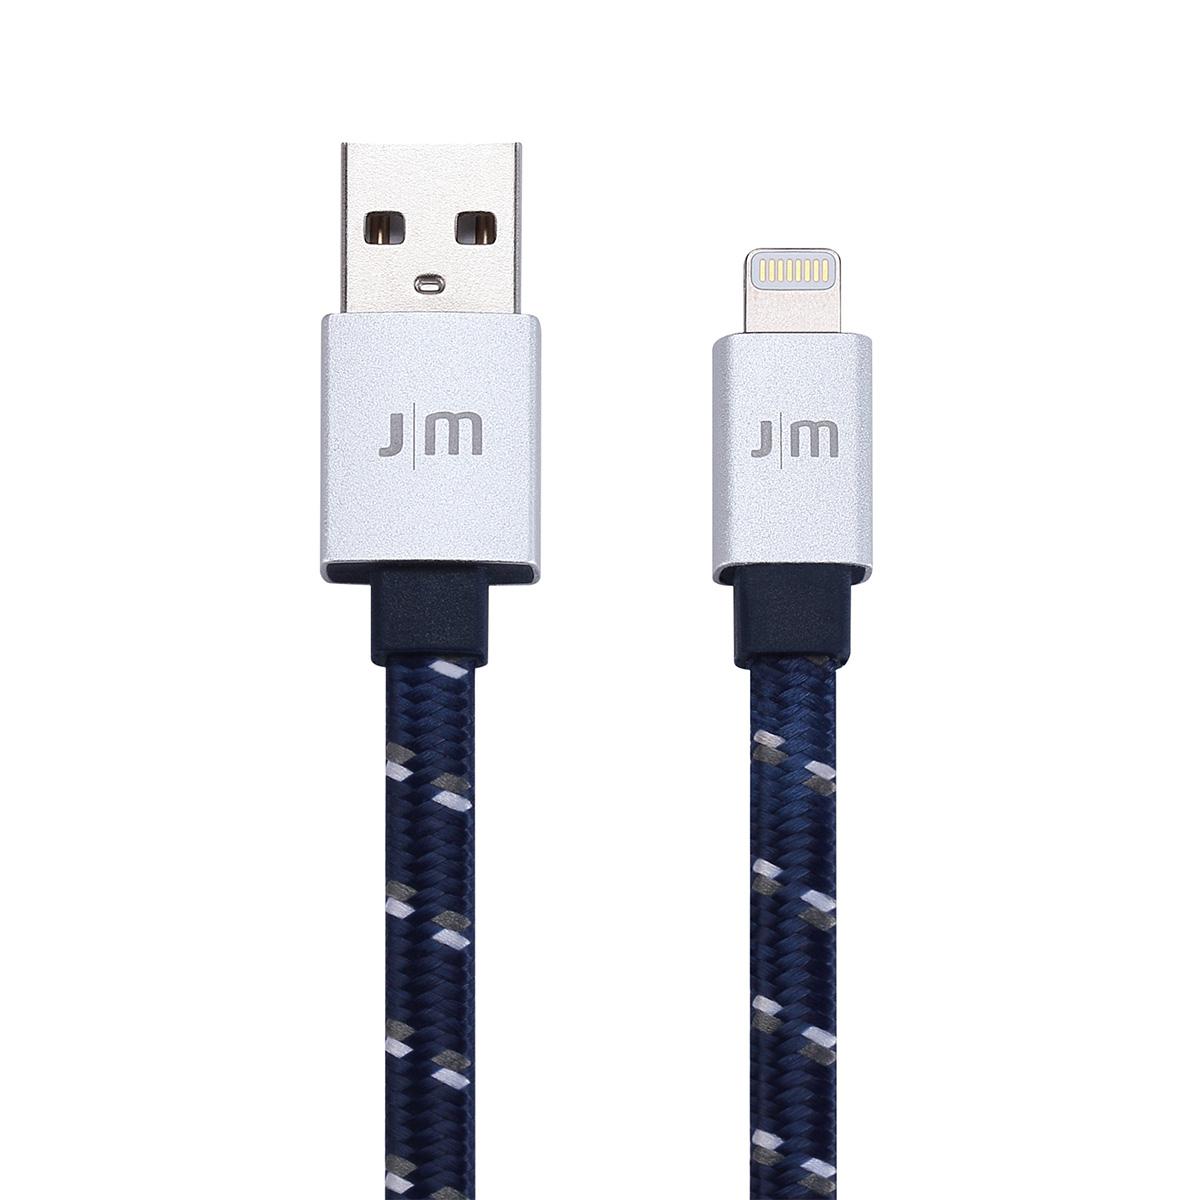 MFi認証 ライトニングケーブル Just Mobile AluCable Flat(ジャストモバイル アルケーブル フラット)Made for iPod / iPhone / iPad 充電 データ転送 Lightning タフアーマー編組